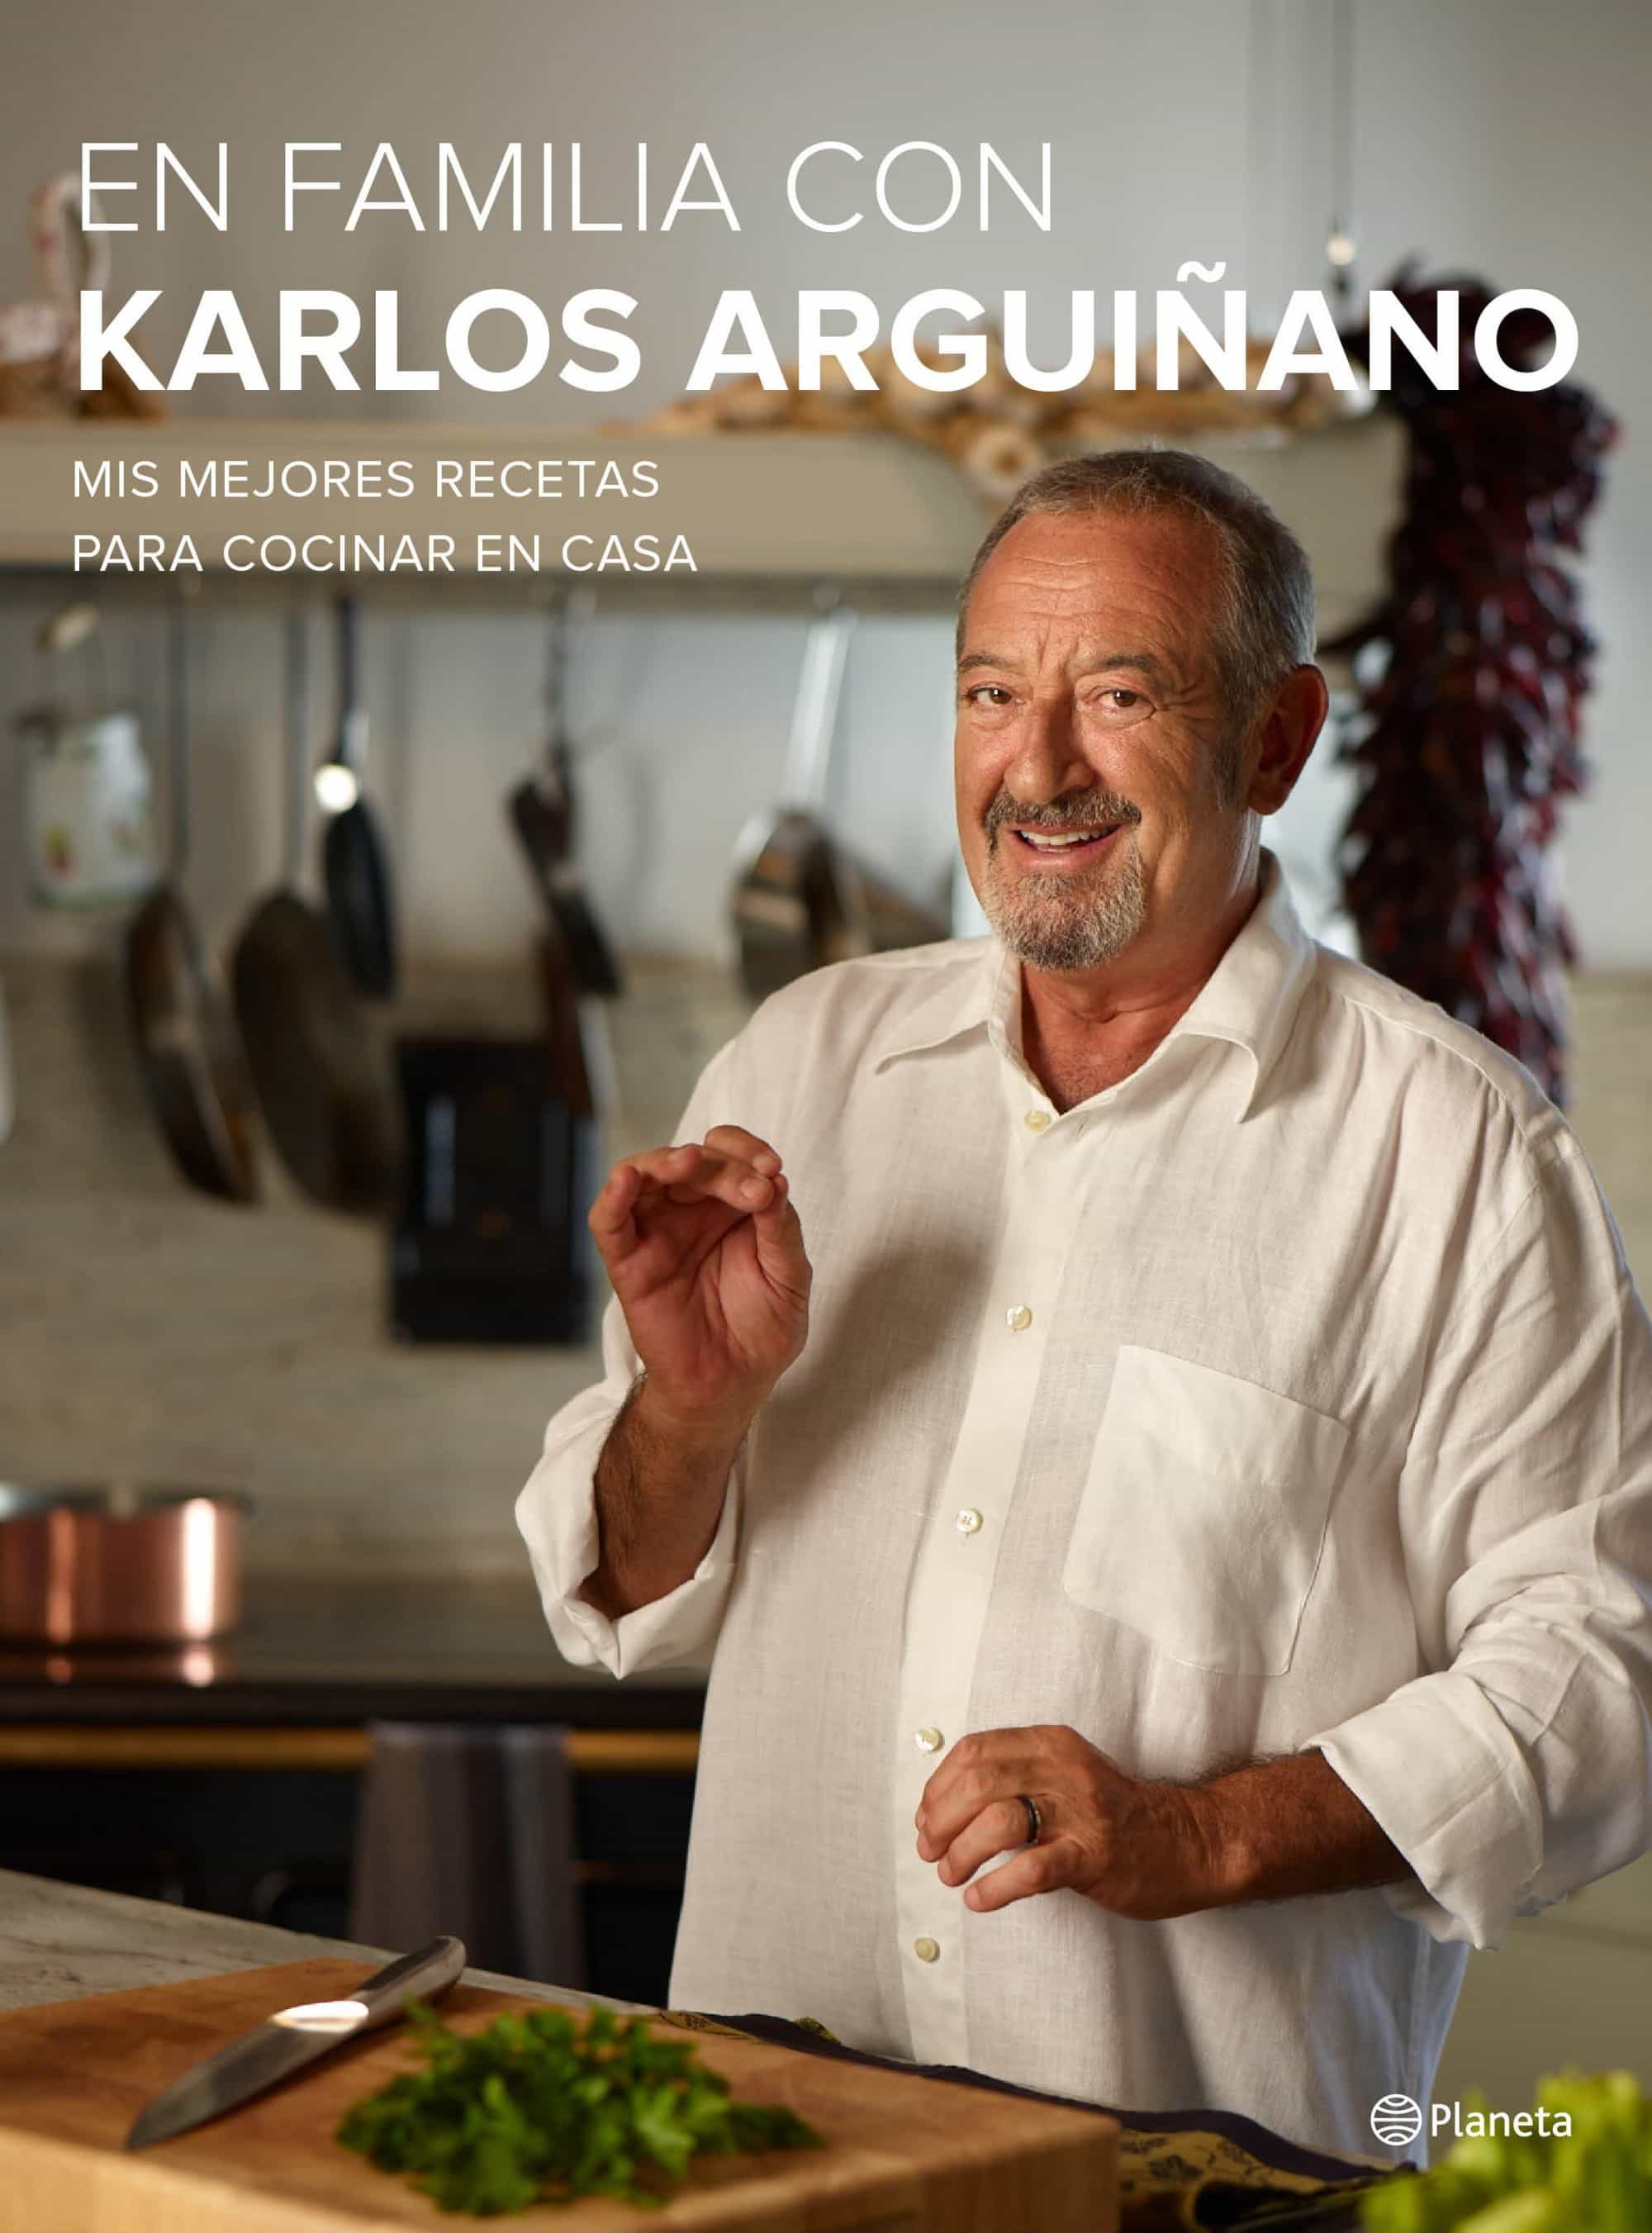 en familia con karlos arguiñano-karlos arguiñano-9788408133667